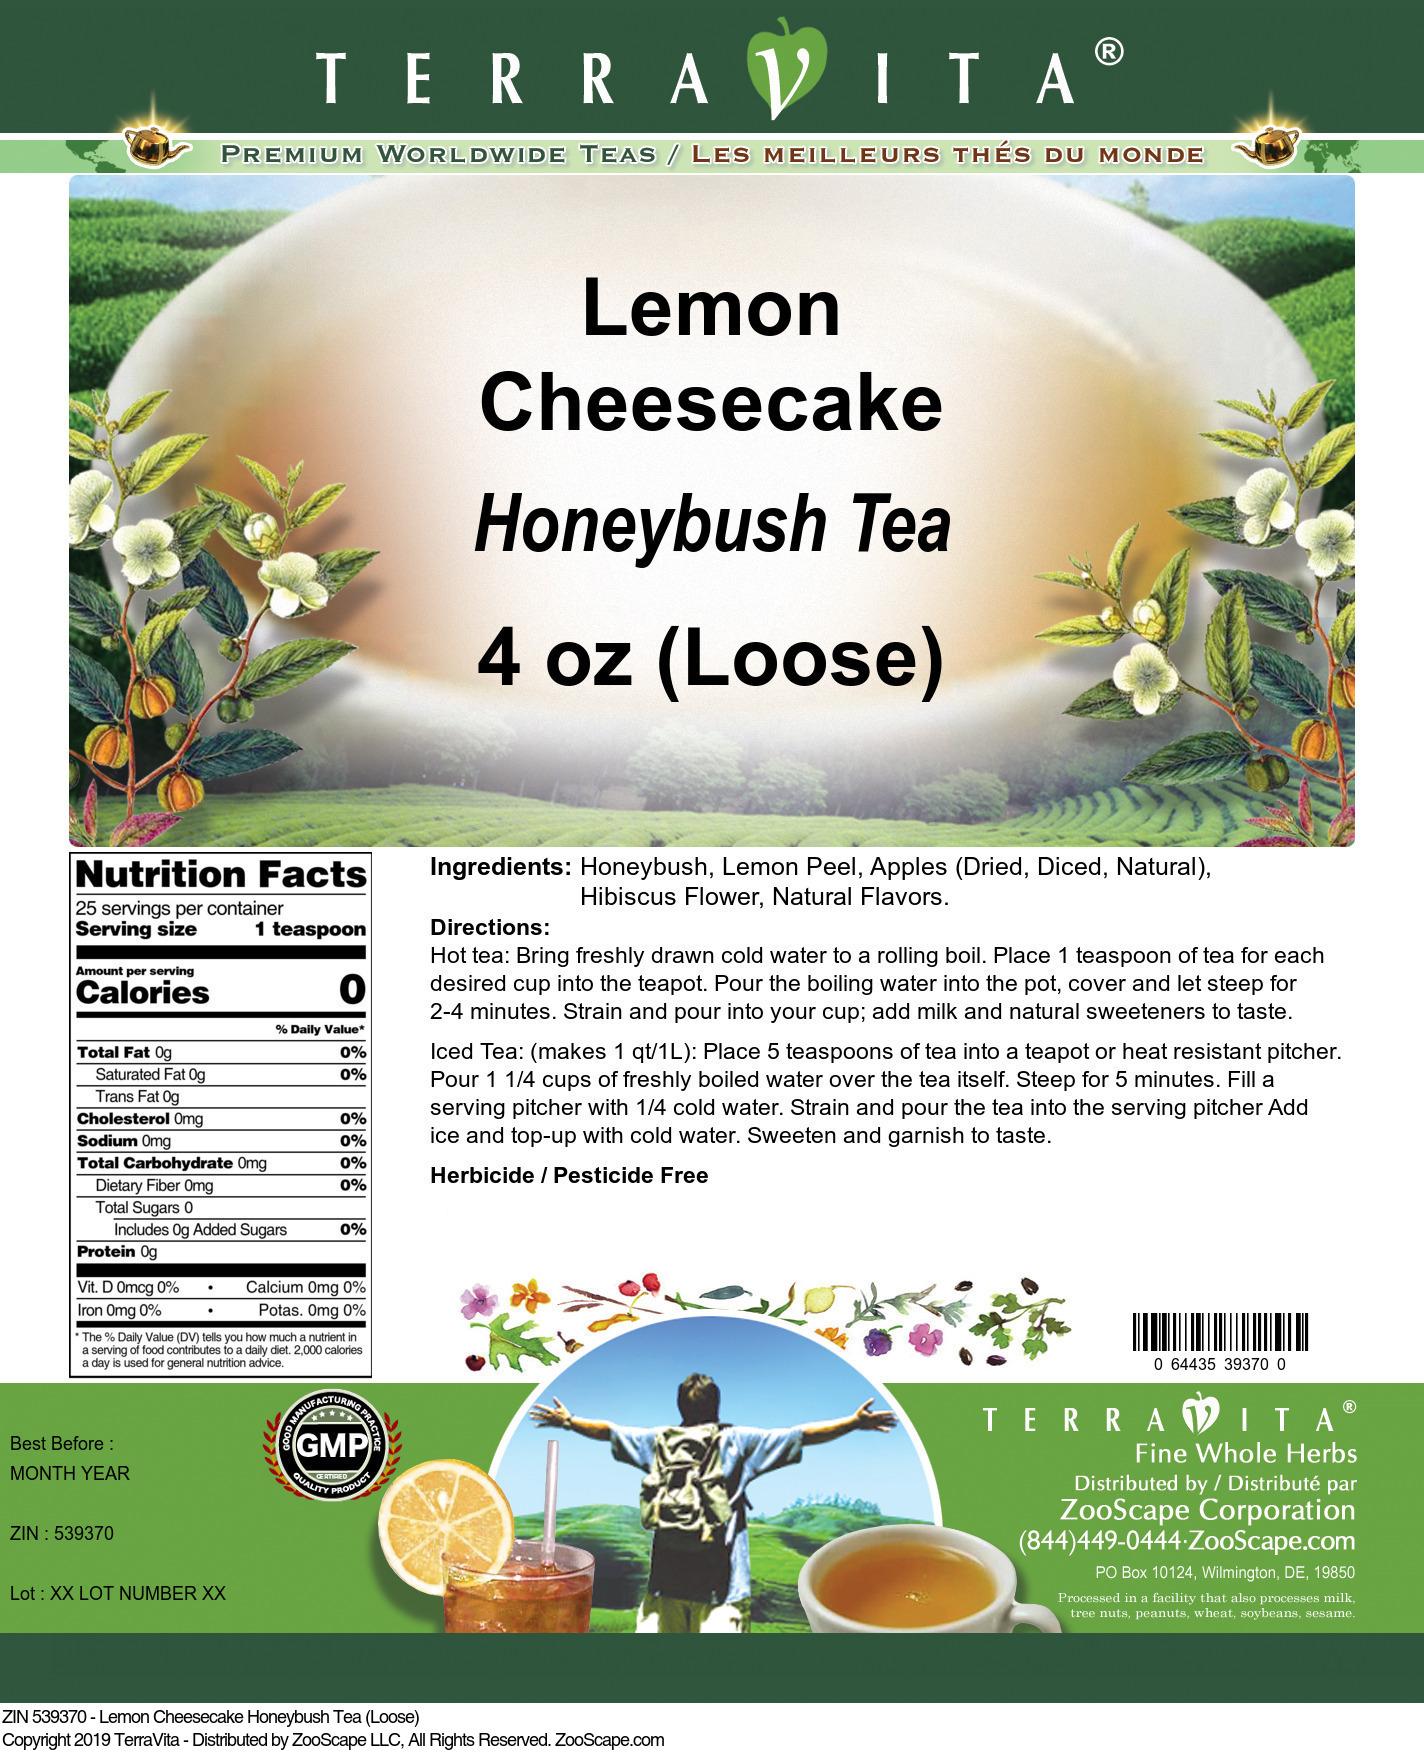 Lemon Cheesecake Honeybush Tea (Loose)